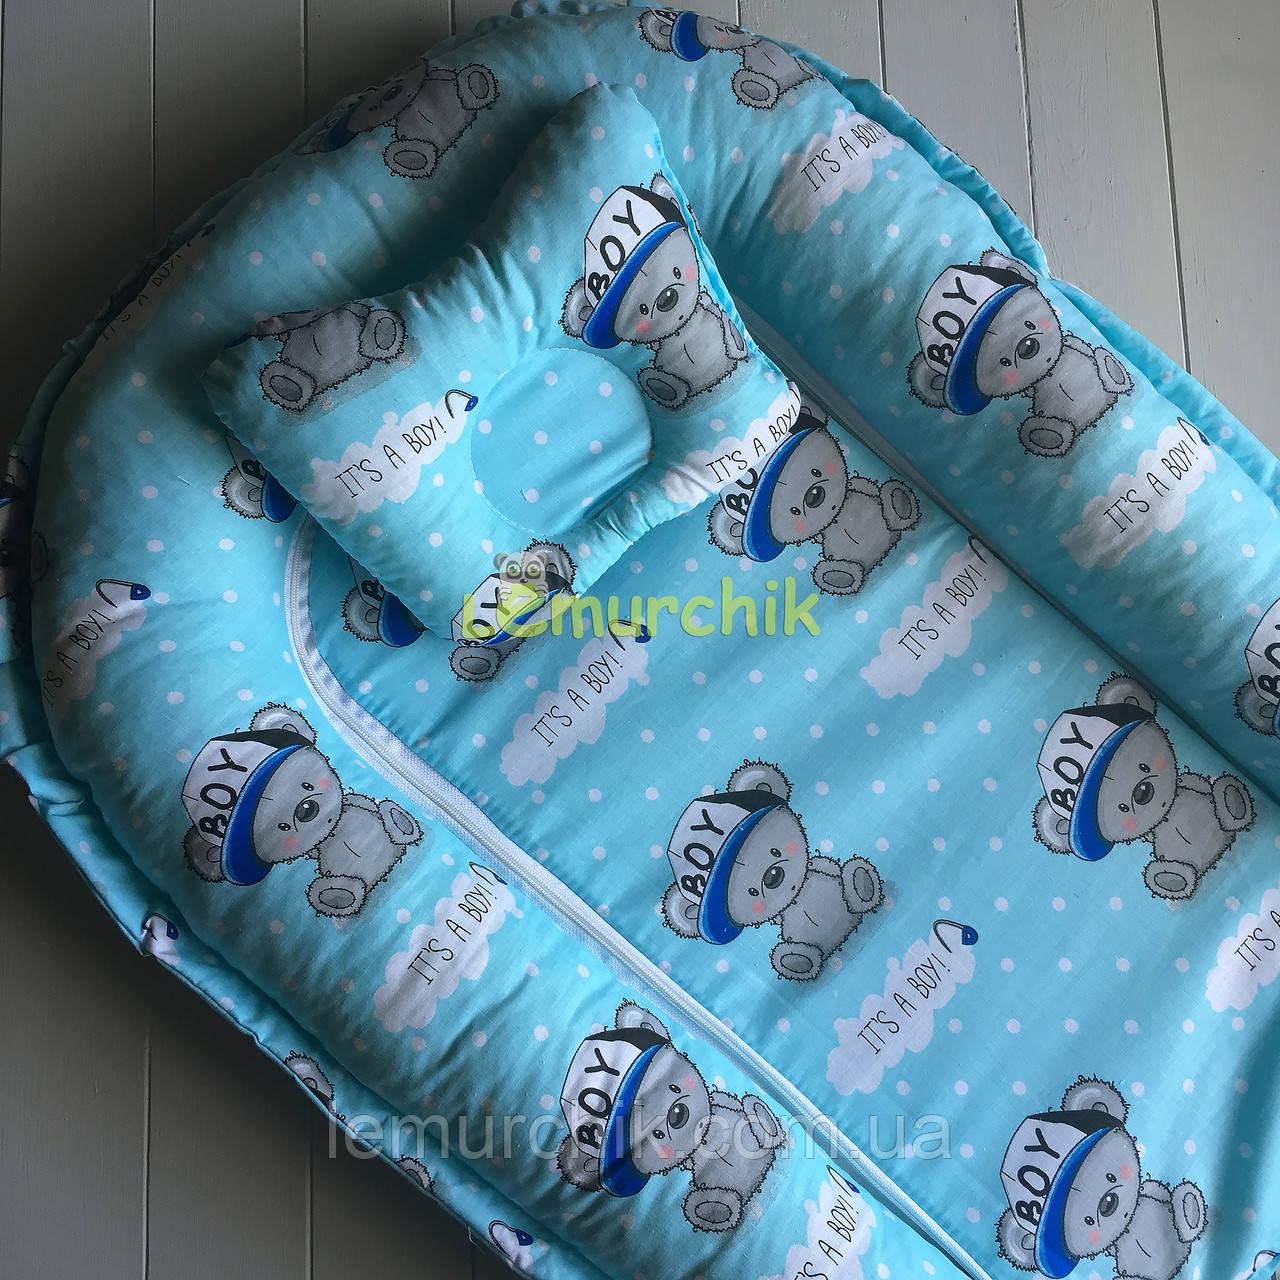 Гнездо-кокон для новорожденного 85Х40 см (подушка для беременной, подушка для кормления) Мишки бирюзовые